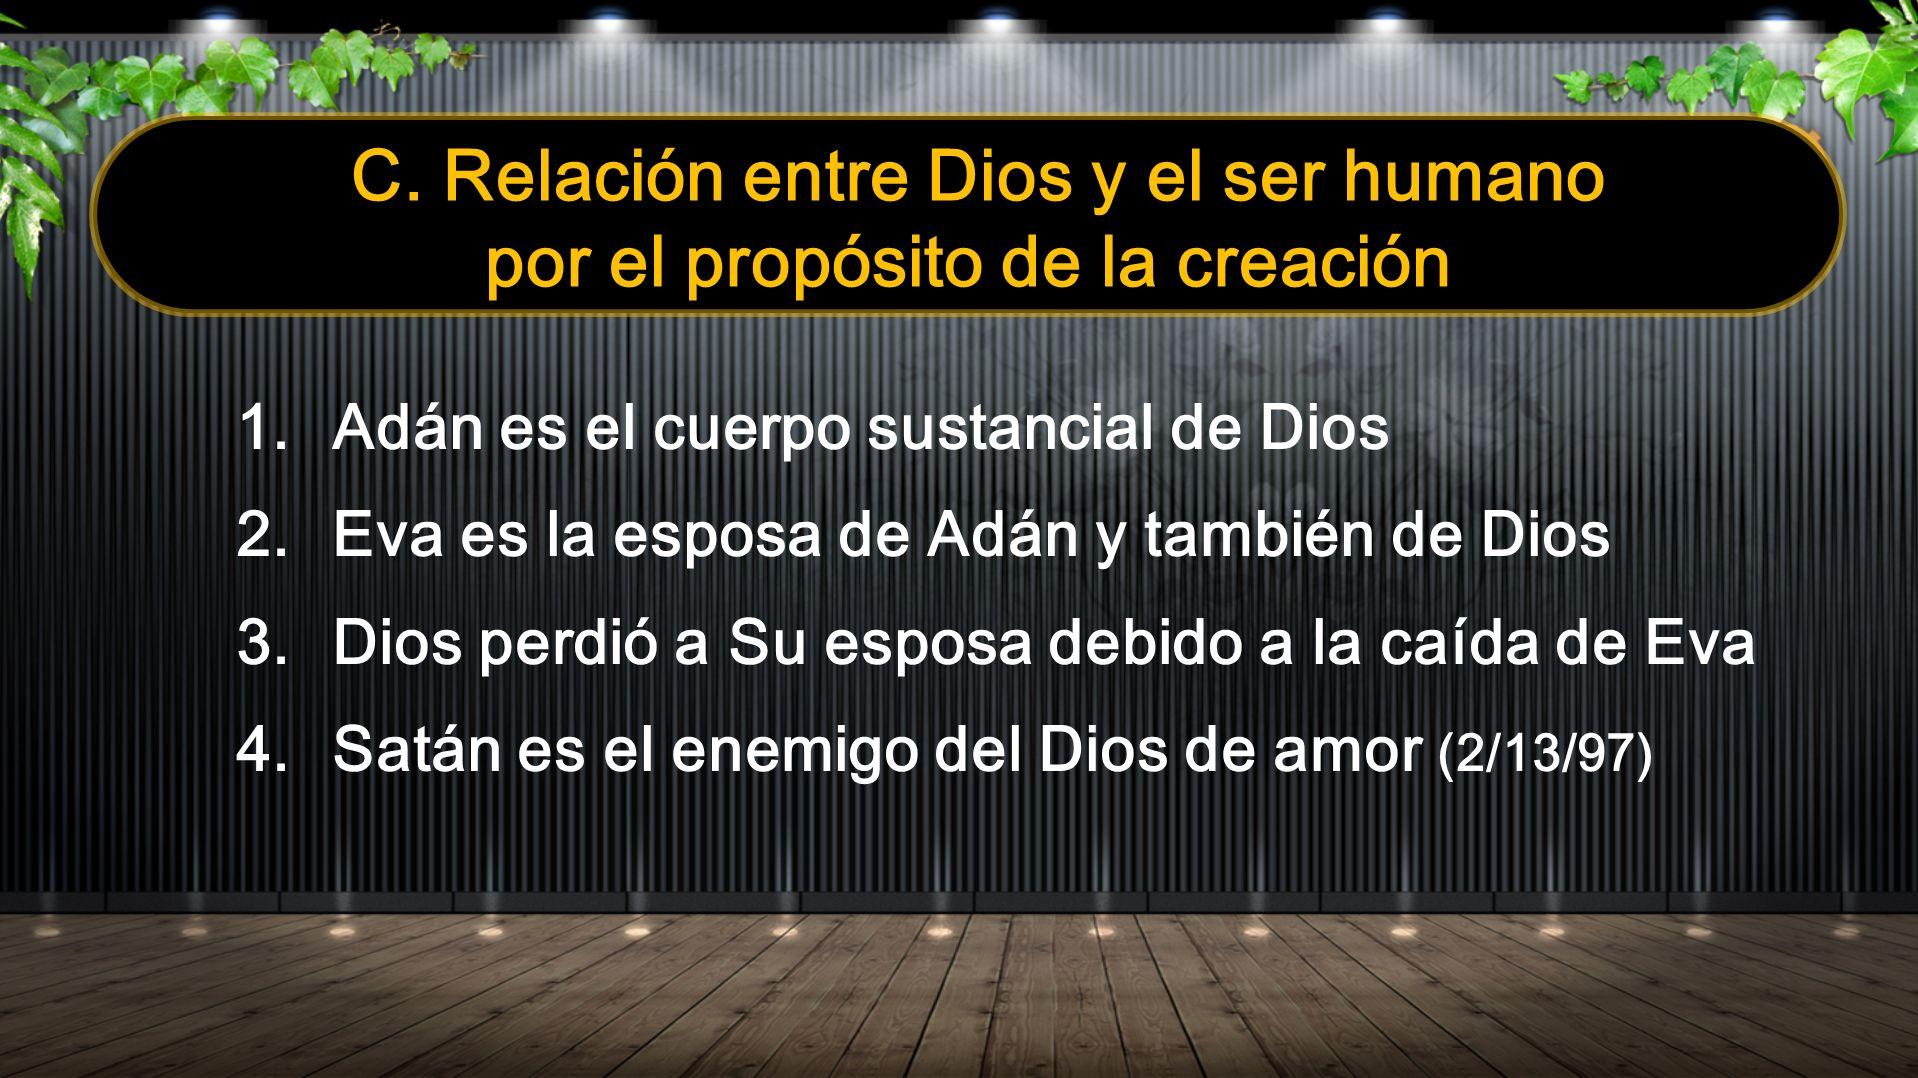 1. Adán es el cuerpo sustancial de Dios 2. Eva es la esposa de Adán y también de Dios 3. Dios perdió a Su esposa debido a la caída de Eva 4. Satán es